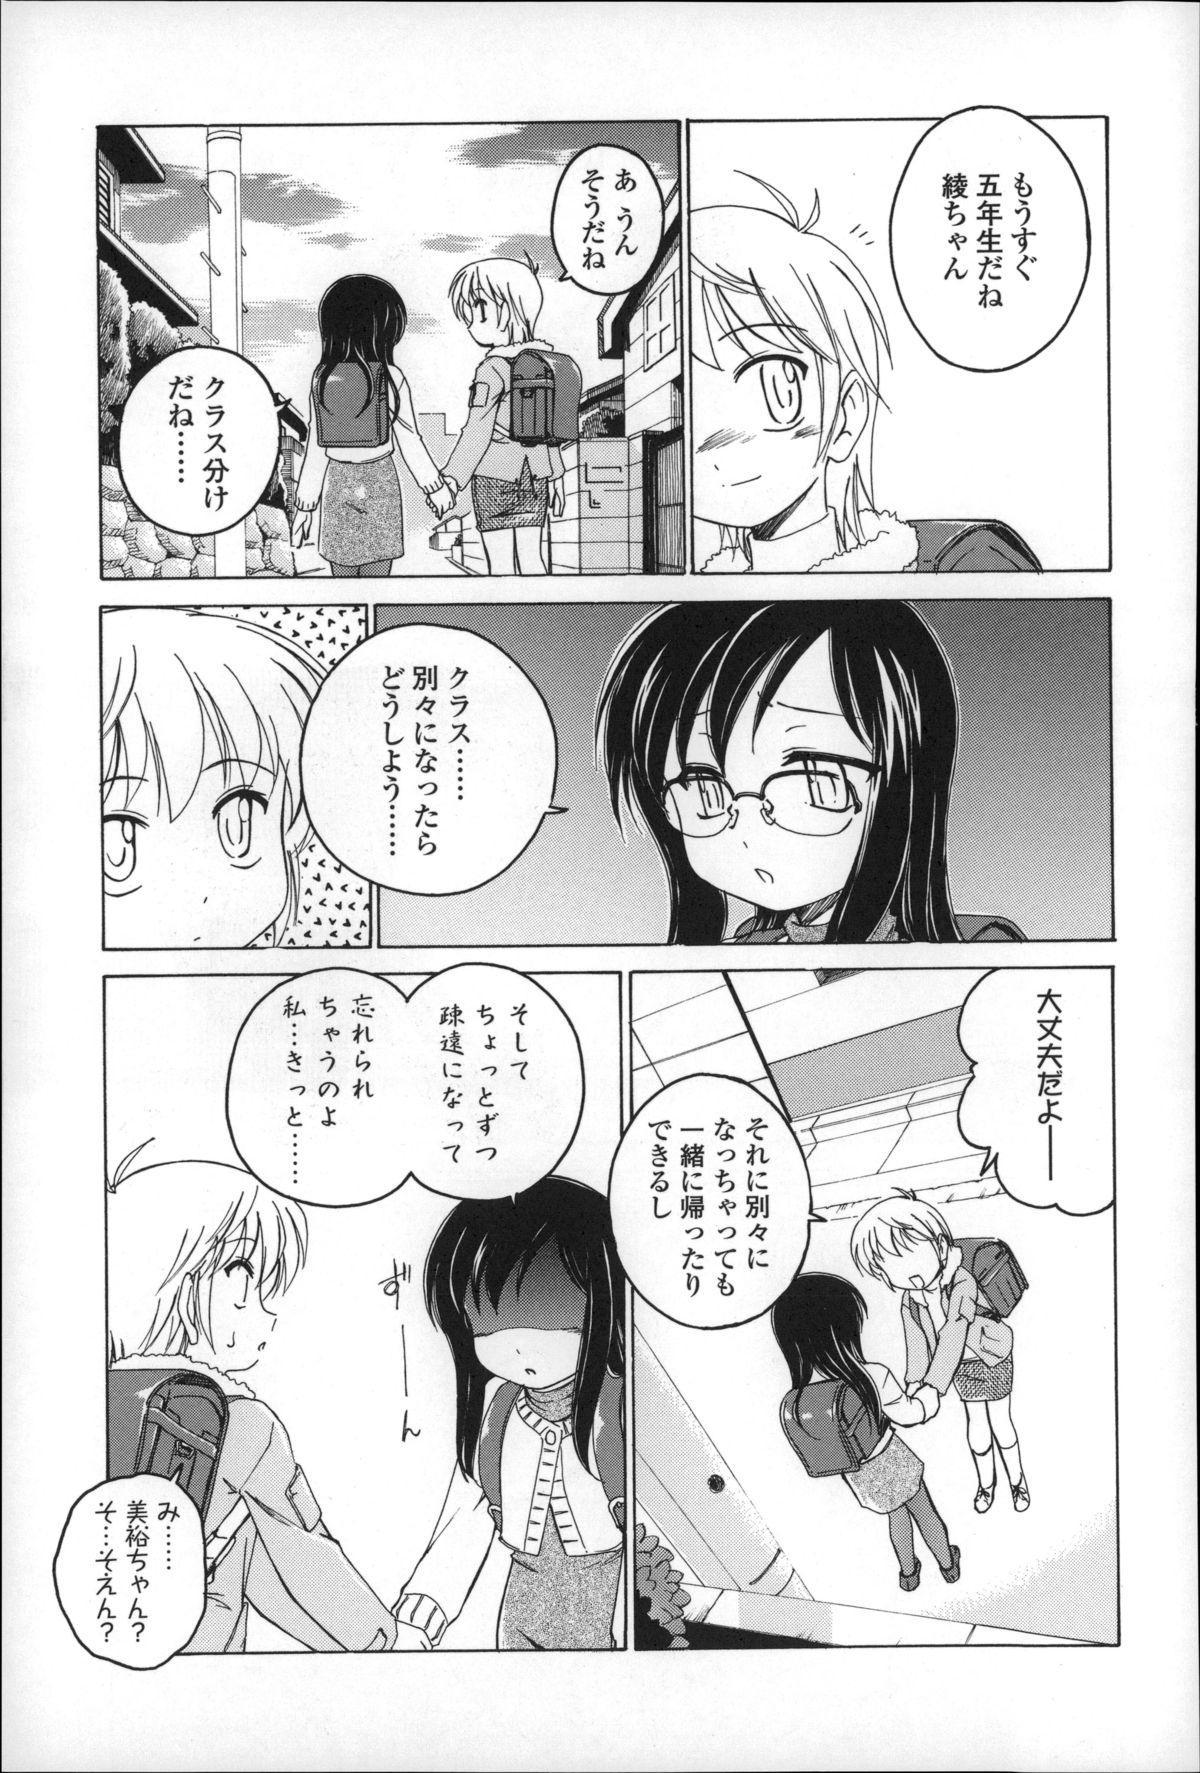 Youshou no Hana no Himitsu - The secret of Girls flowers 94